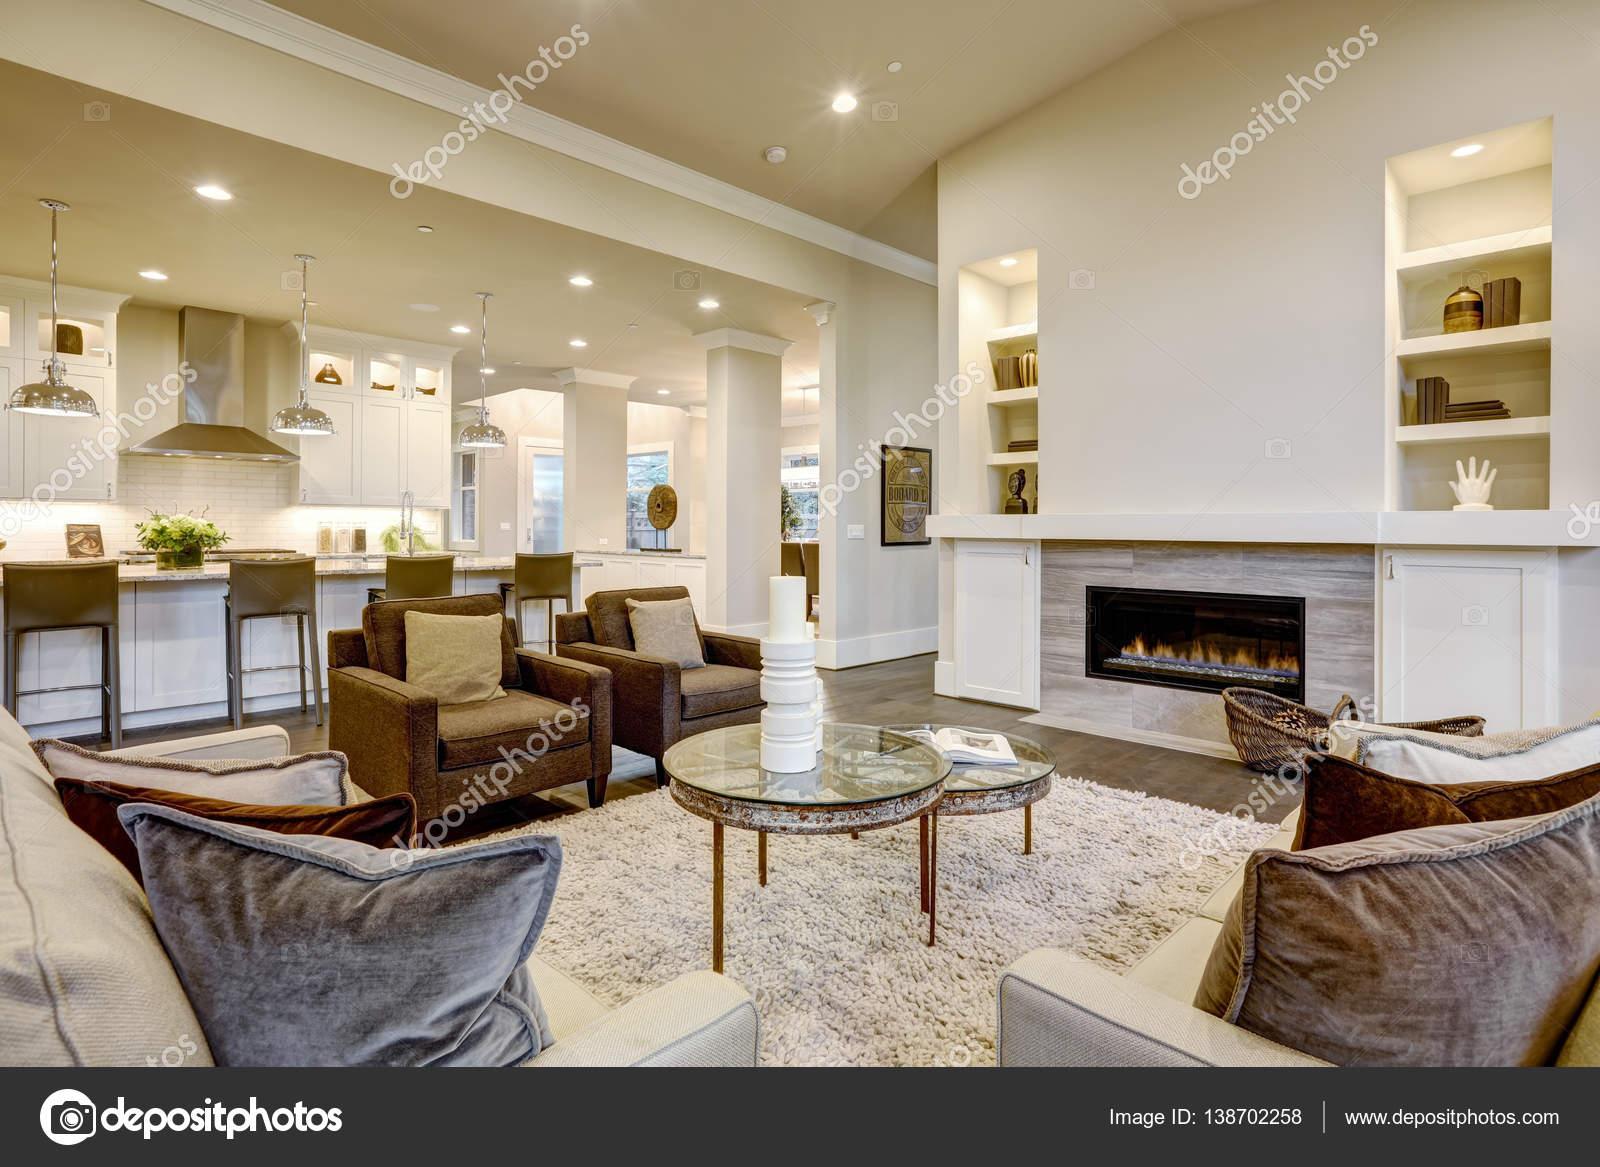 Beautiful Woonkamer Design Ideas - House Design Ideas 2018 - gunsho.us